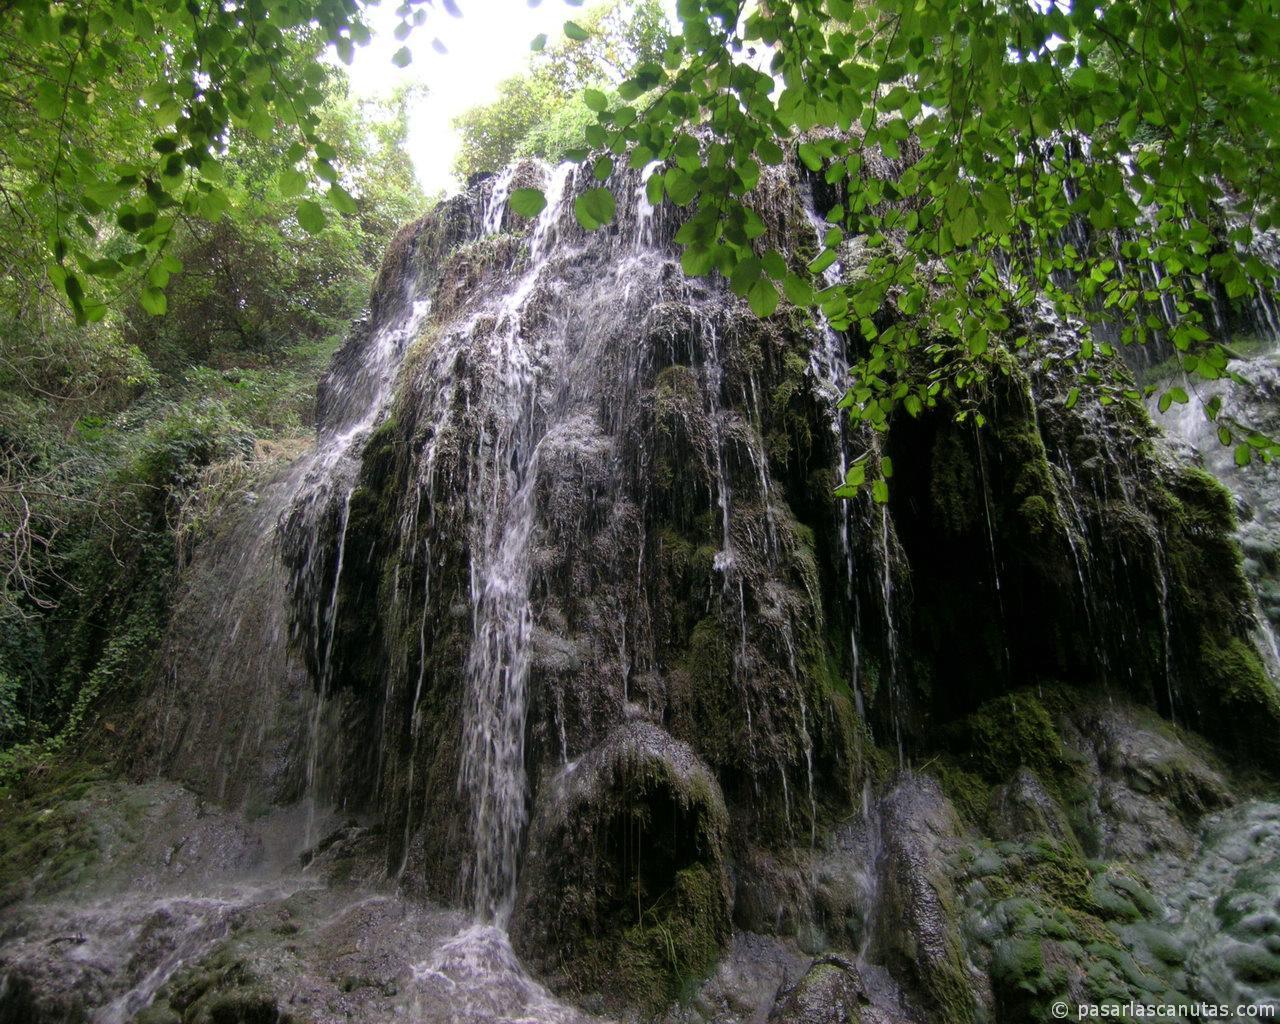 fotos de paisajes - Monasterio de Piedra - cascada